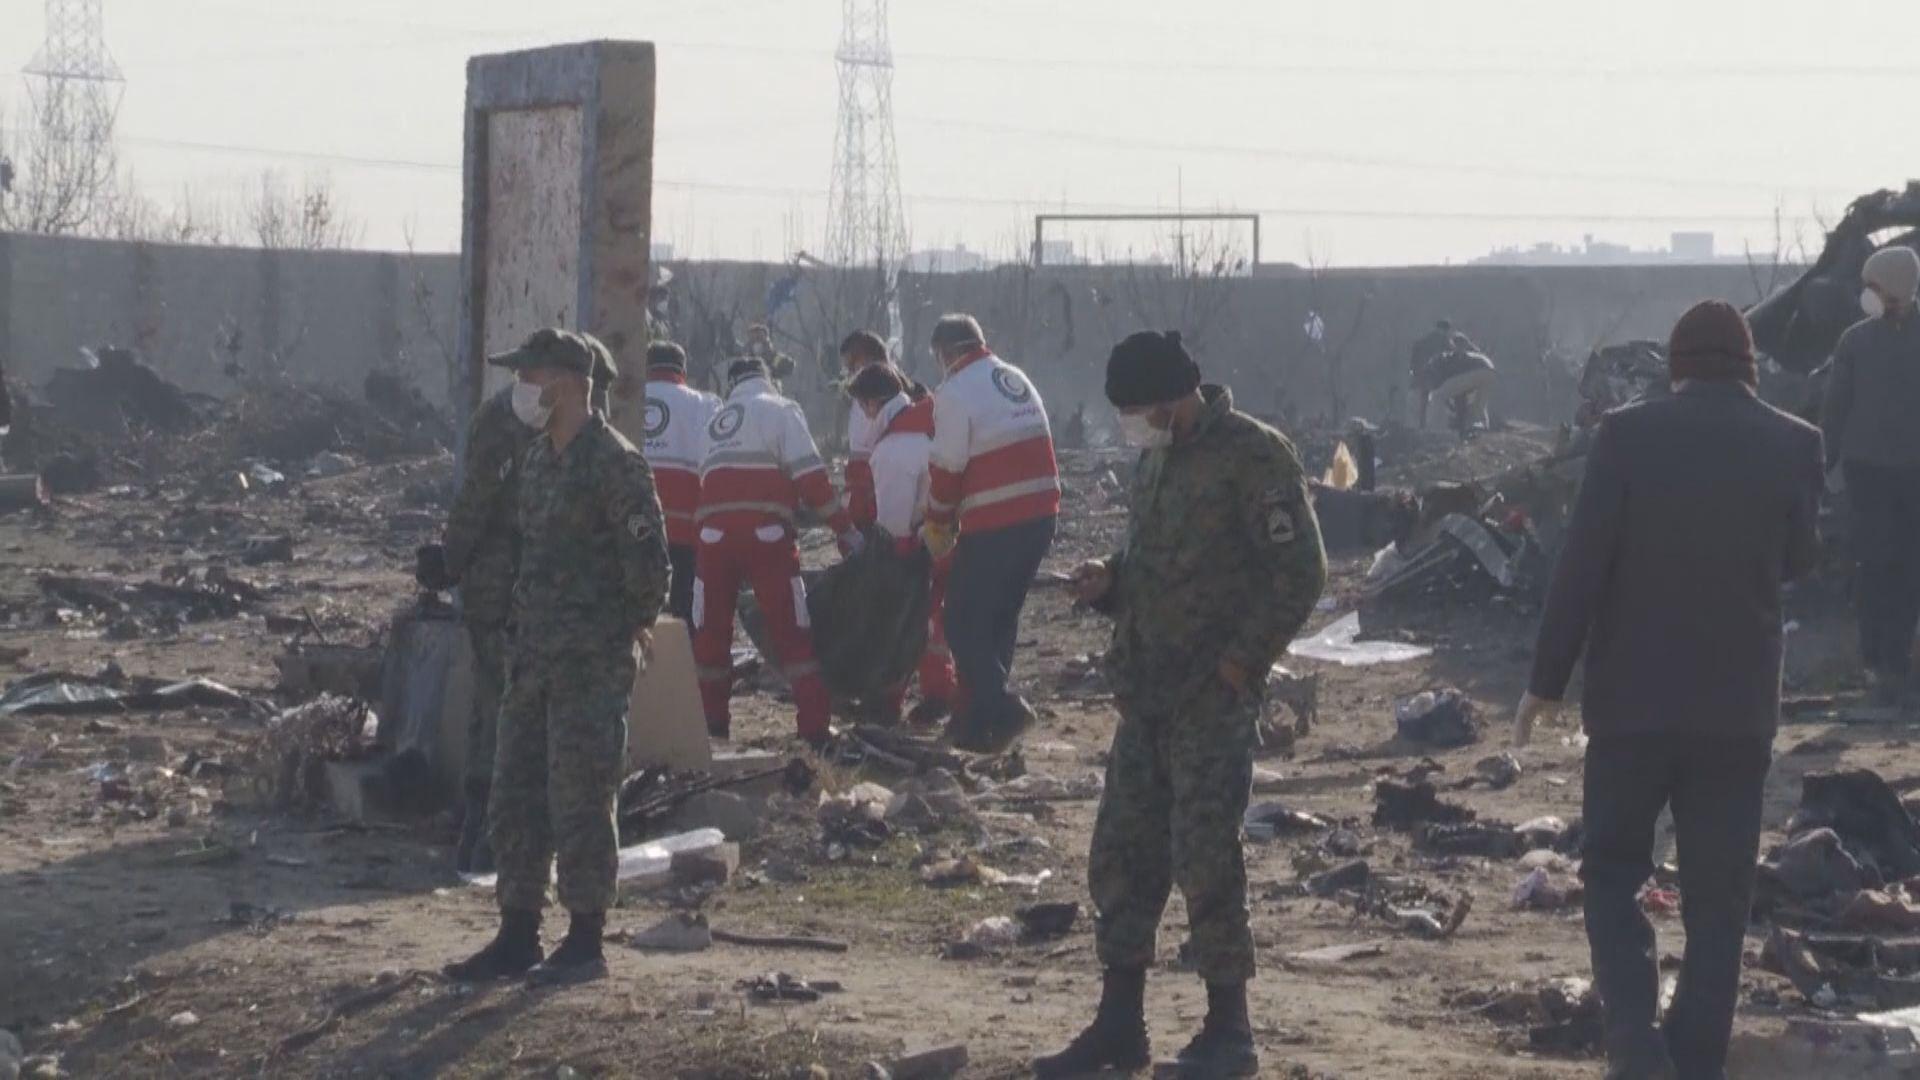 烏克蘭航空客機墜毀事故 烏克蘭調查員獲准讀取黑盒